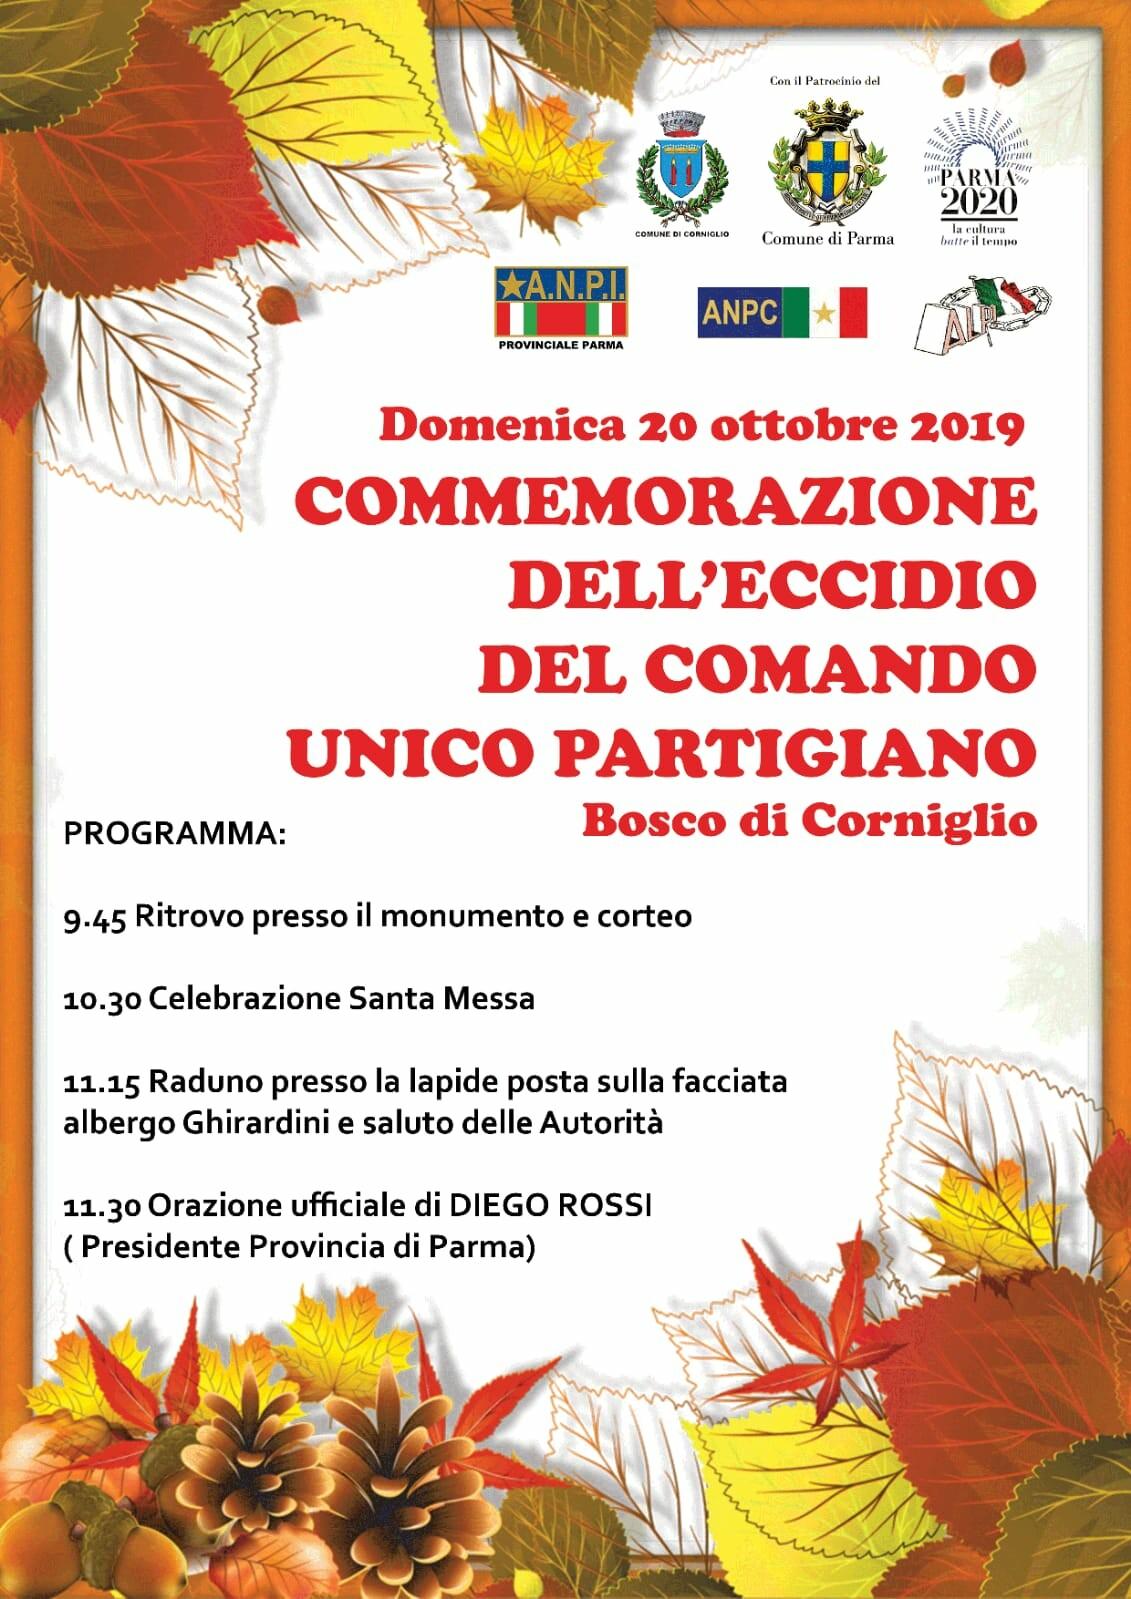 Commemorazione dell'eccidio di Bosco di Corniglio